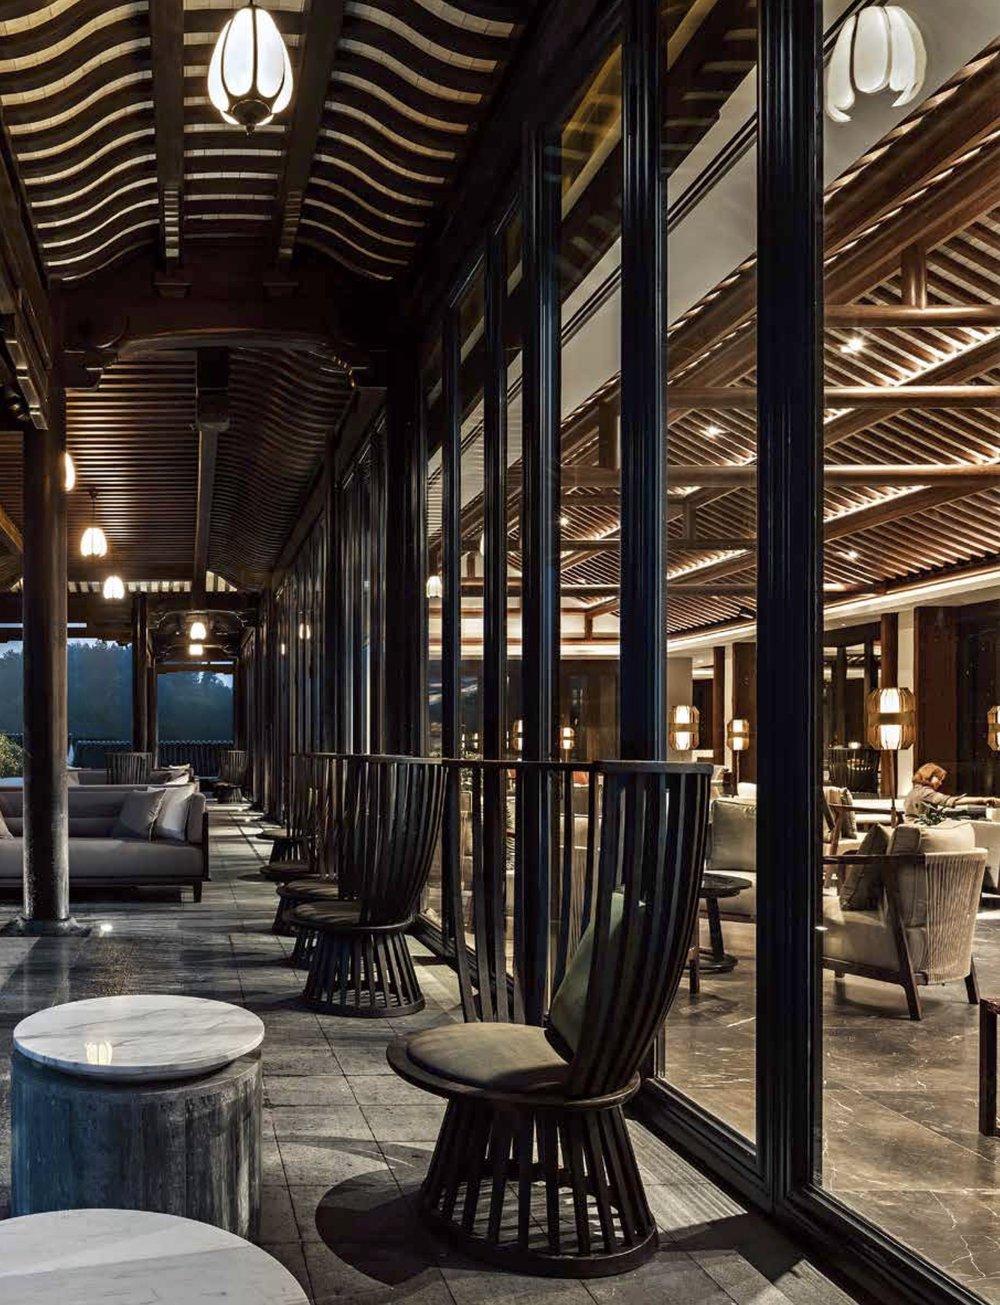 201812 韩国Interiors 安吉悦榕庄度假酒店 2.jpg